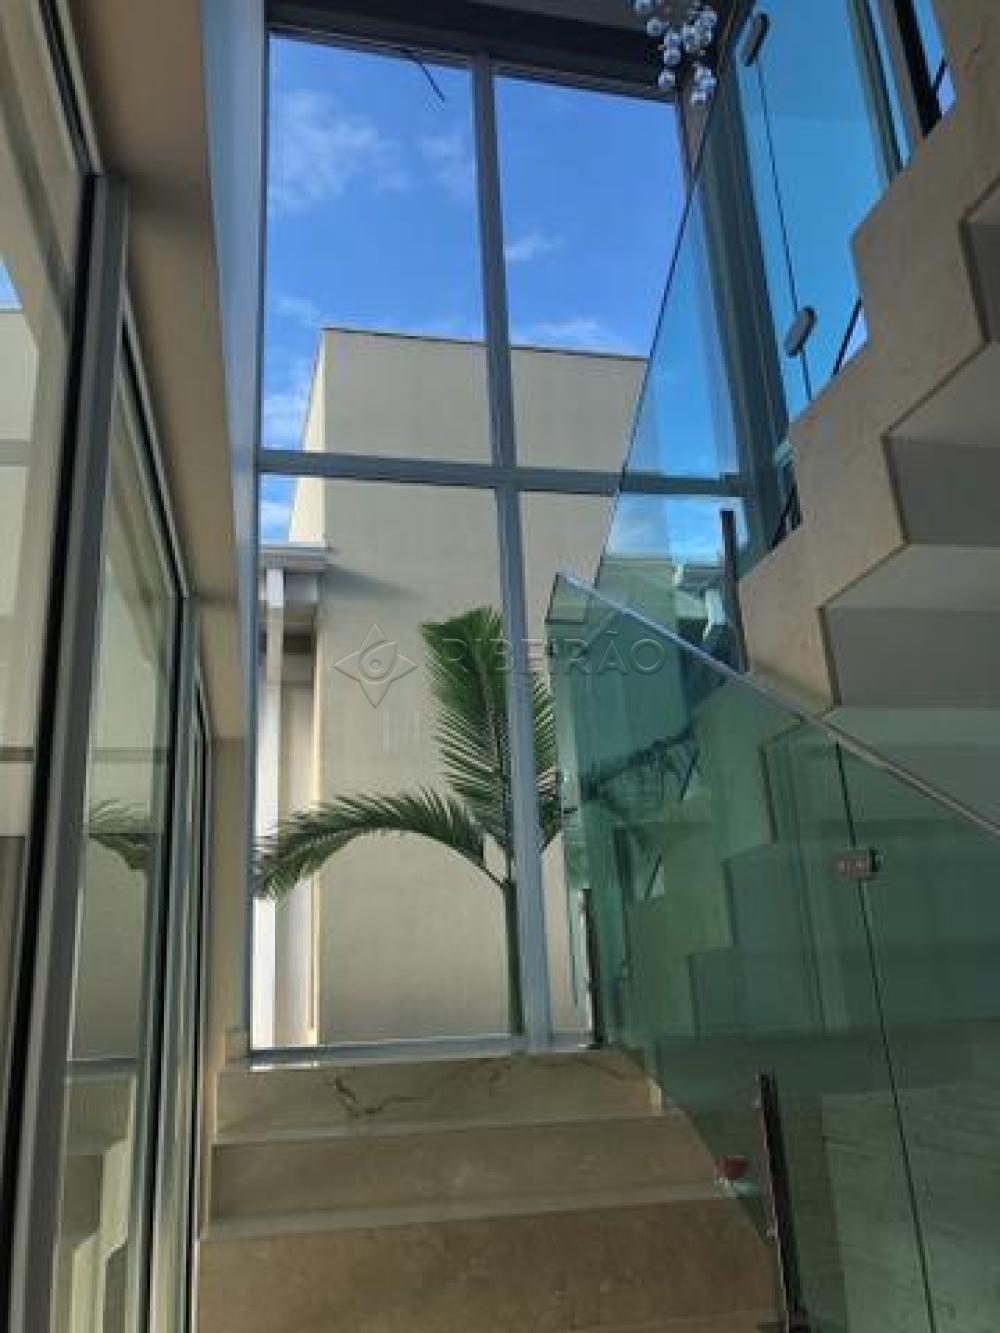 Comprar Casa / Condomínio em Ribeirão Preto R$ 1.380.000,00 - Foto 14